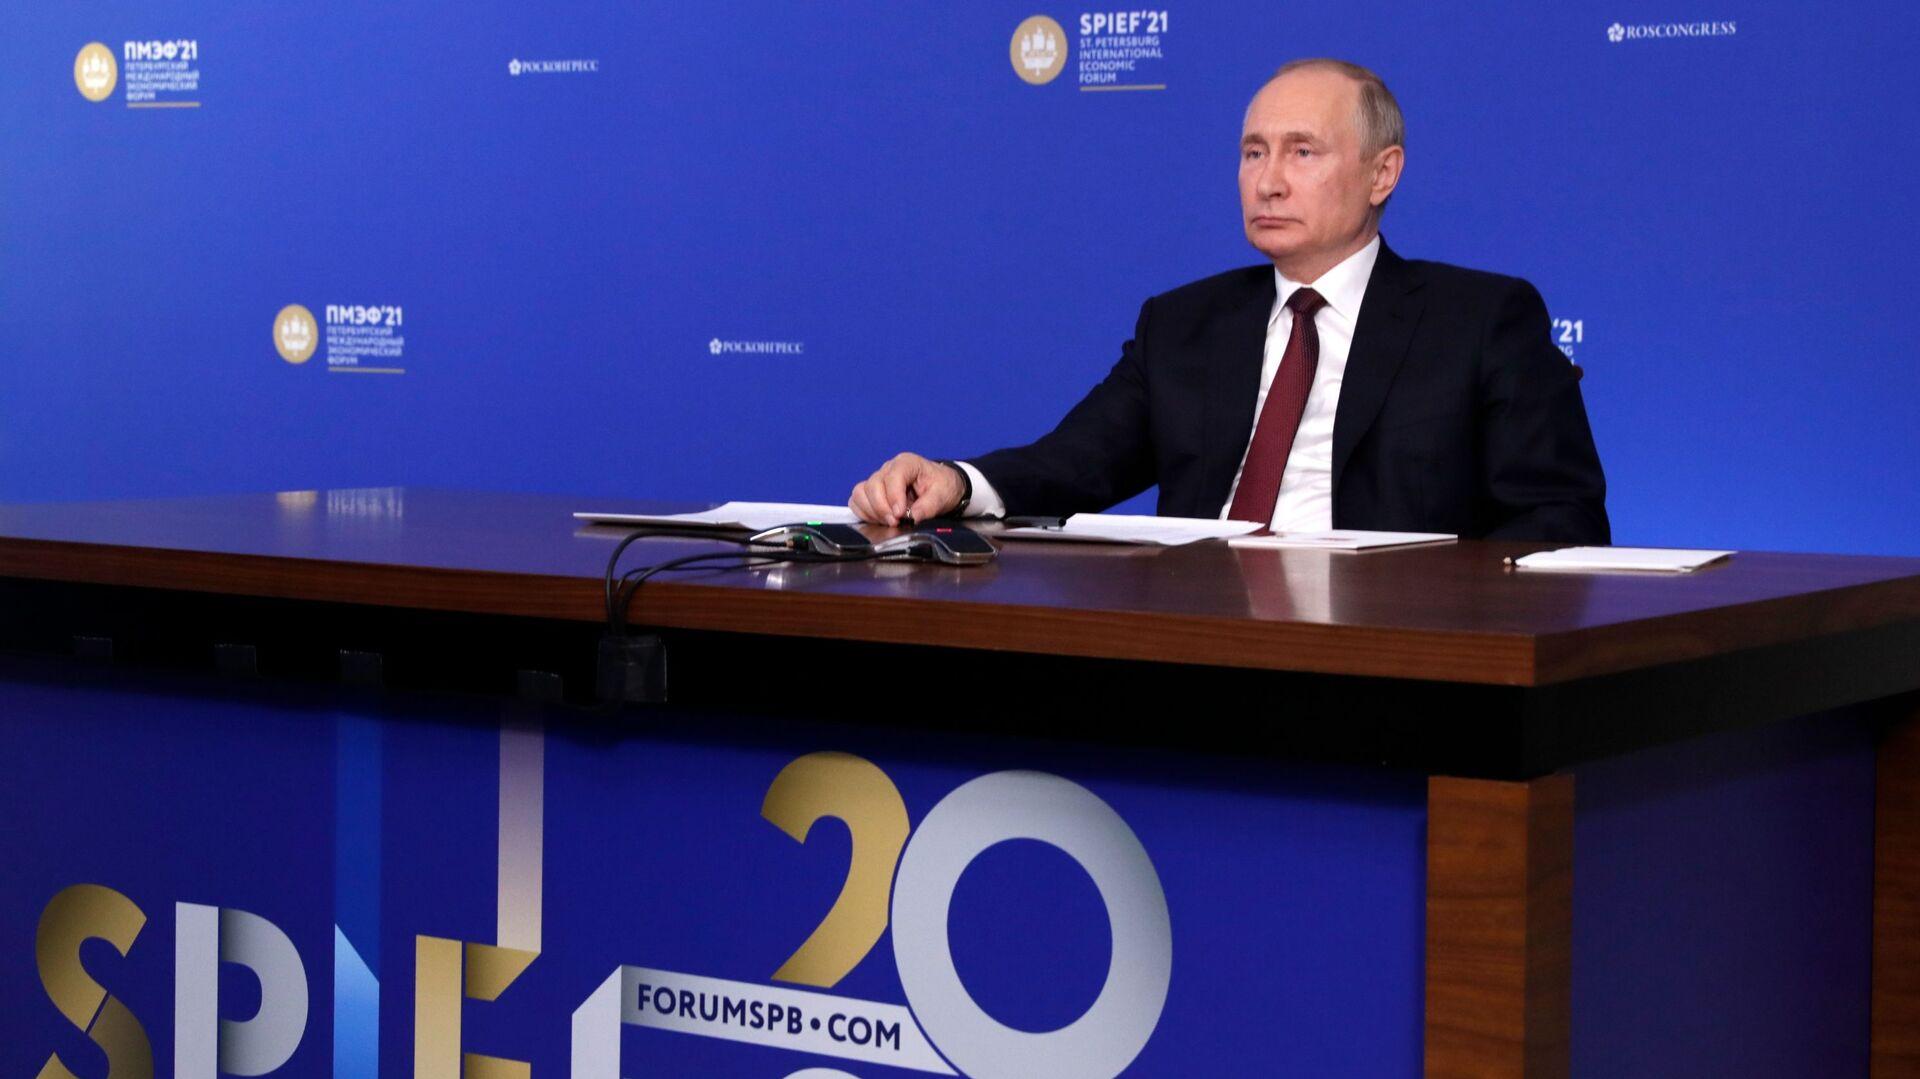 Ruský prezident Vladimir Putin na Petrohradském mezinárodním ekonomickém fóru 2021 - Sputnik Česká republika, 1920, 23.08.2021